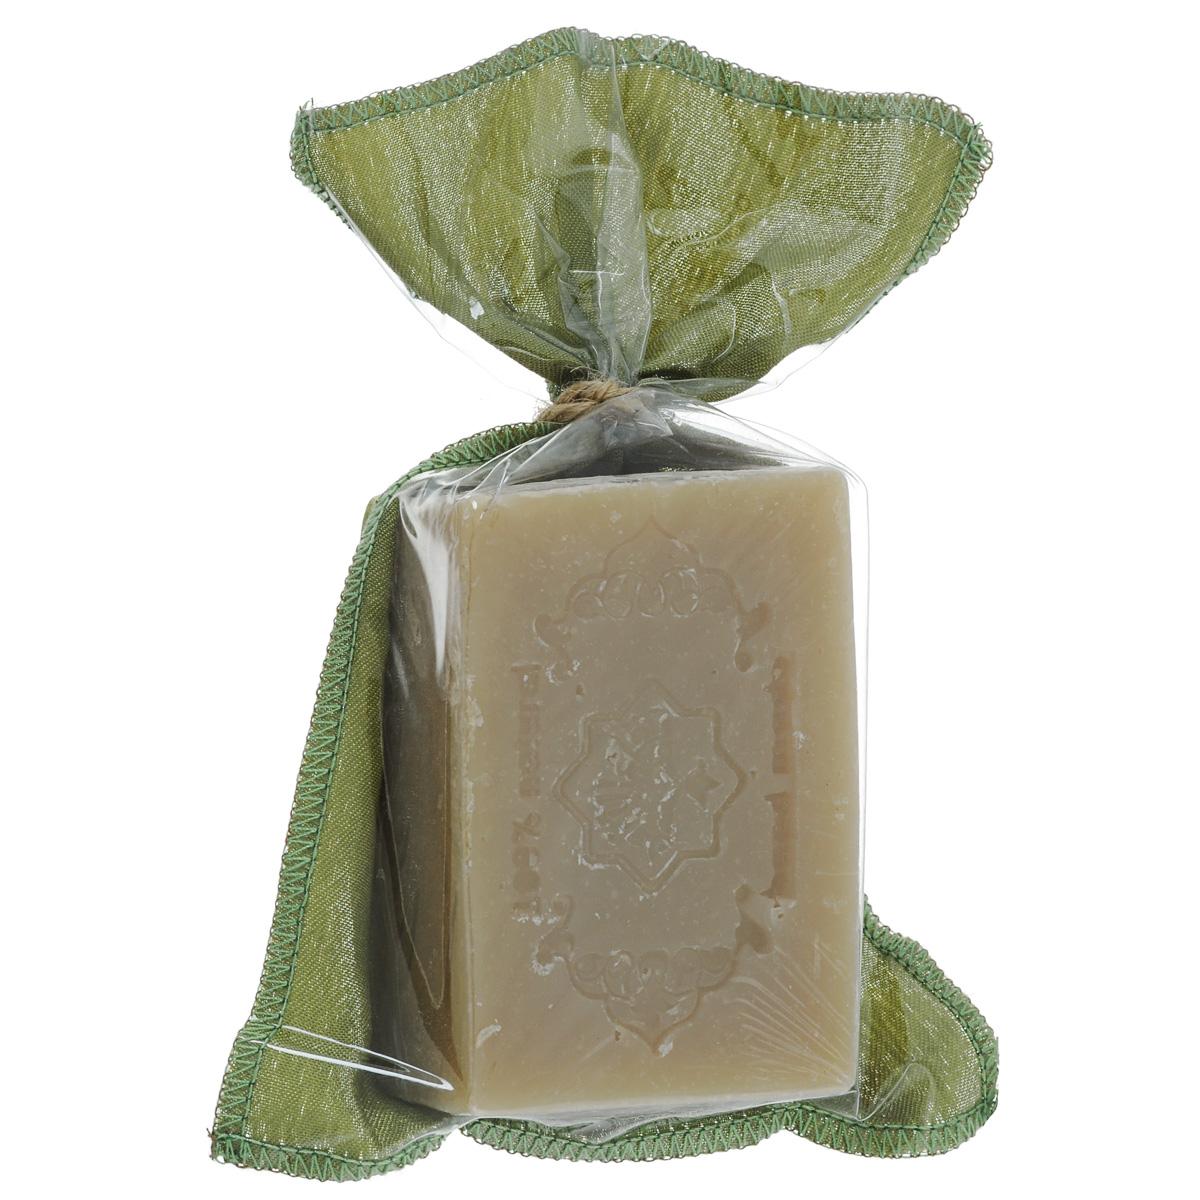 Зейтун Мыло Премиум №10 гипоаллергенное, 110 гZ1008Натуральное гипоаллергенное мыло Зейтун содержит специально подобранную композицию нейтральных масел, благодаря чему подходит для всех типов кожи.